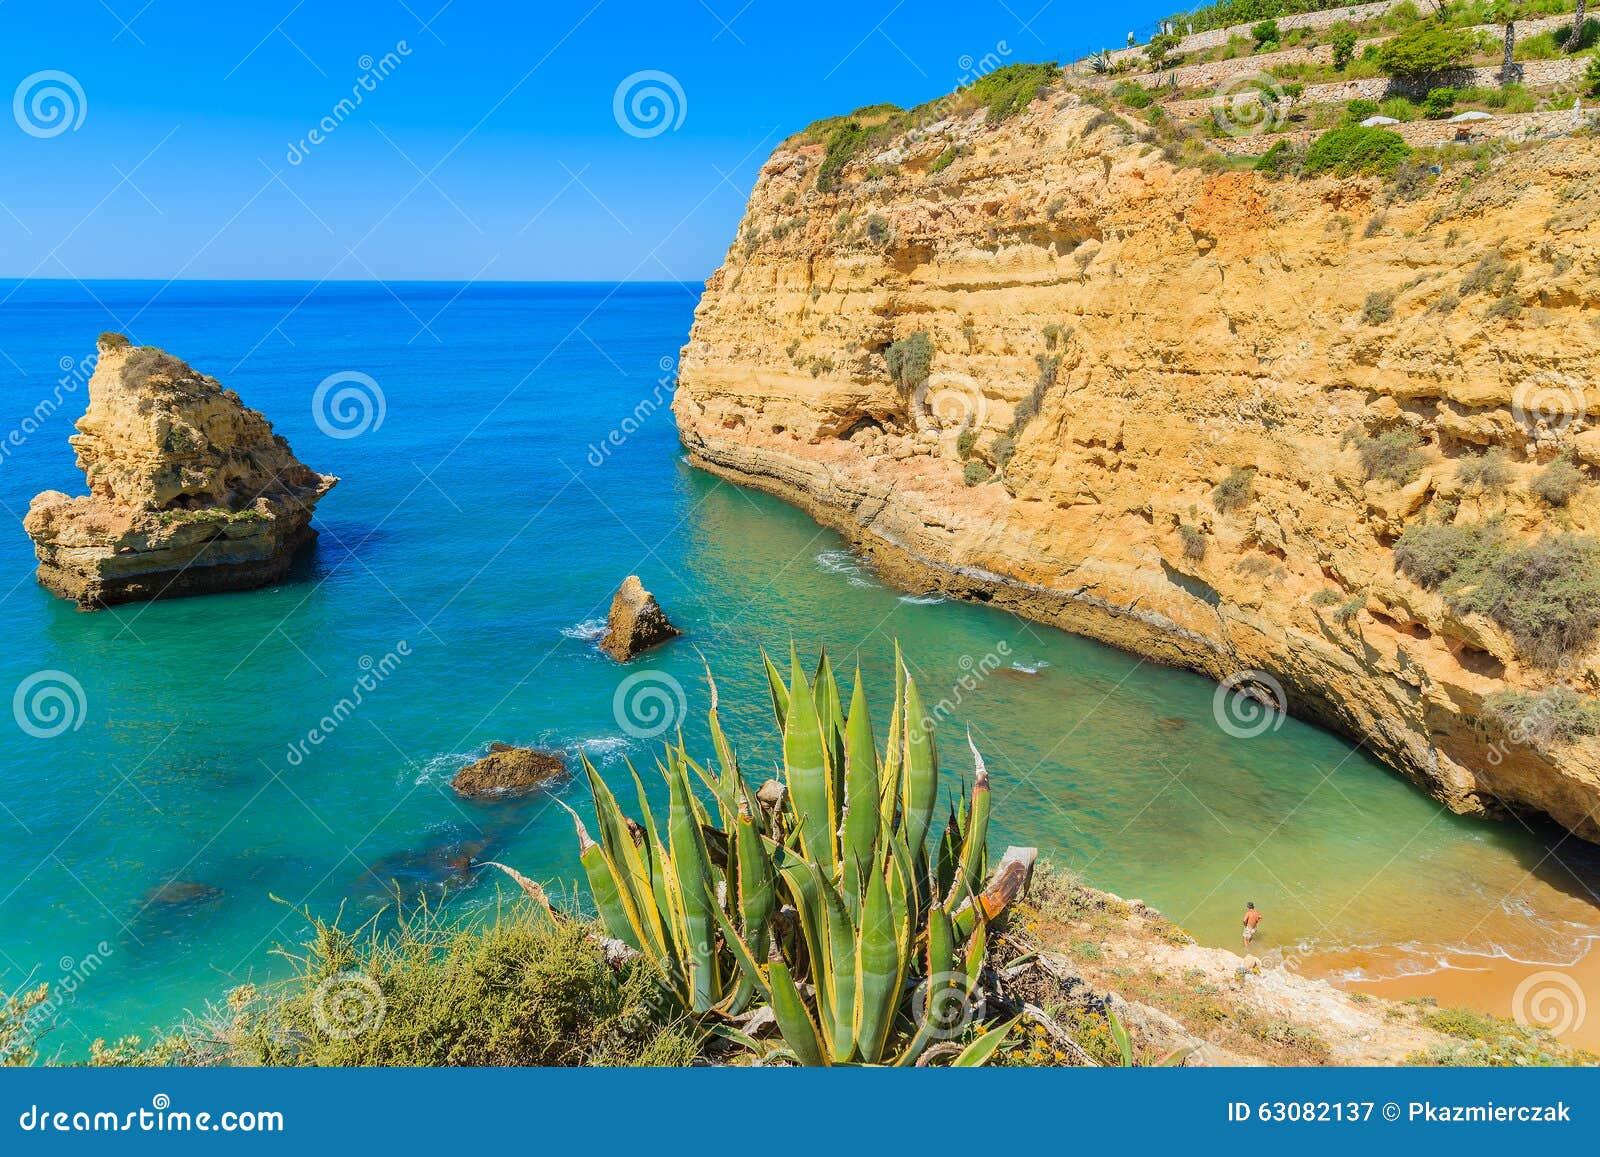 Download Usine Verte D'agave Sur La Belle Plage Image stock - Image du portugais, horizontal: 63082137